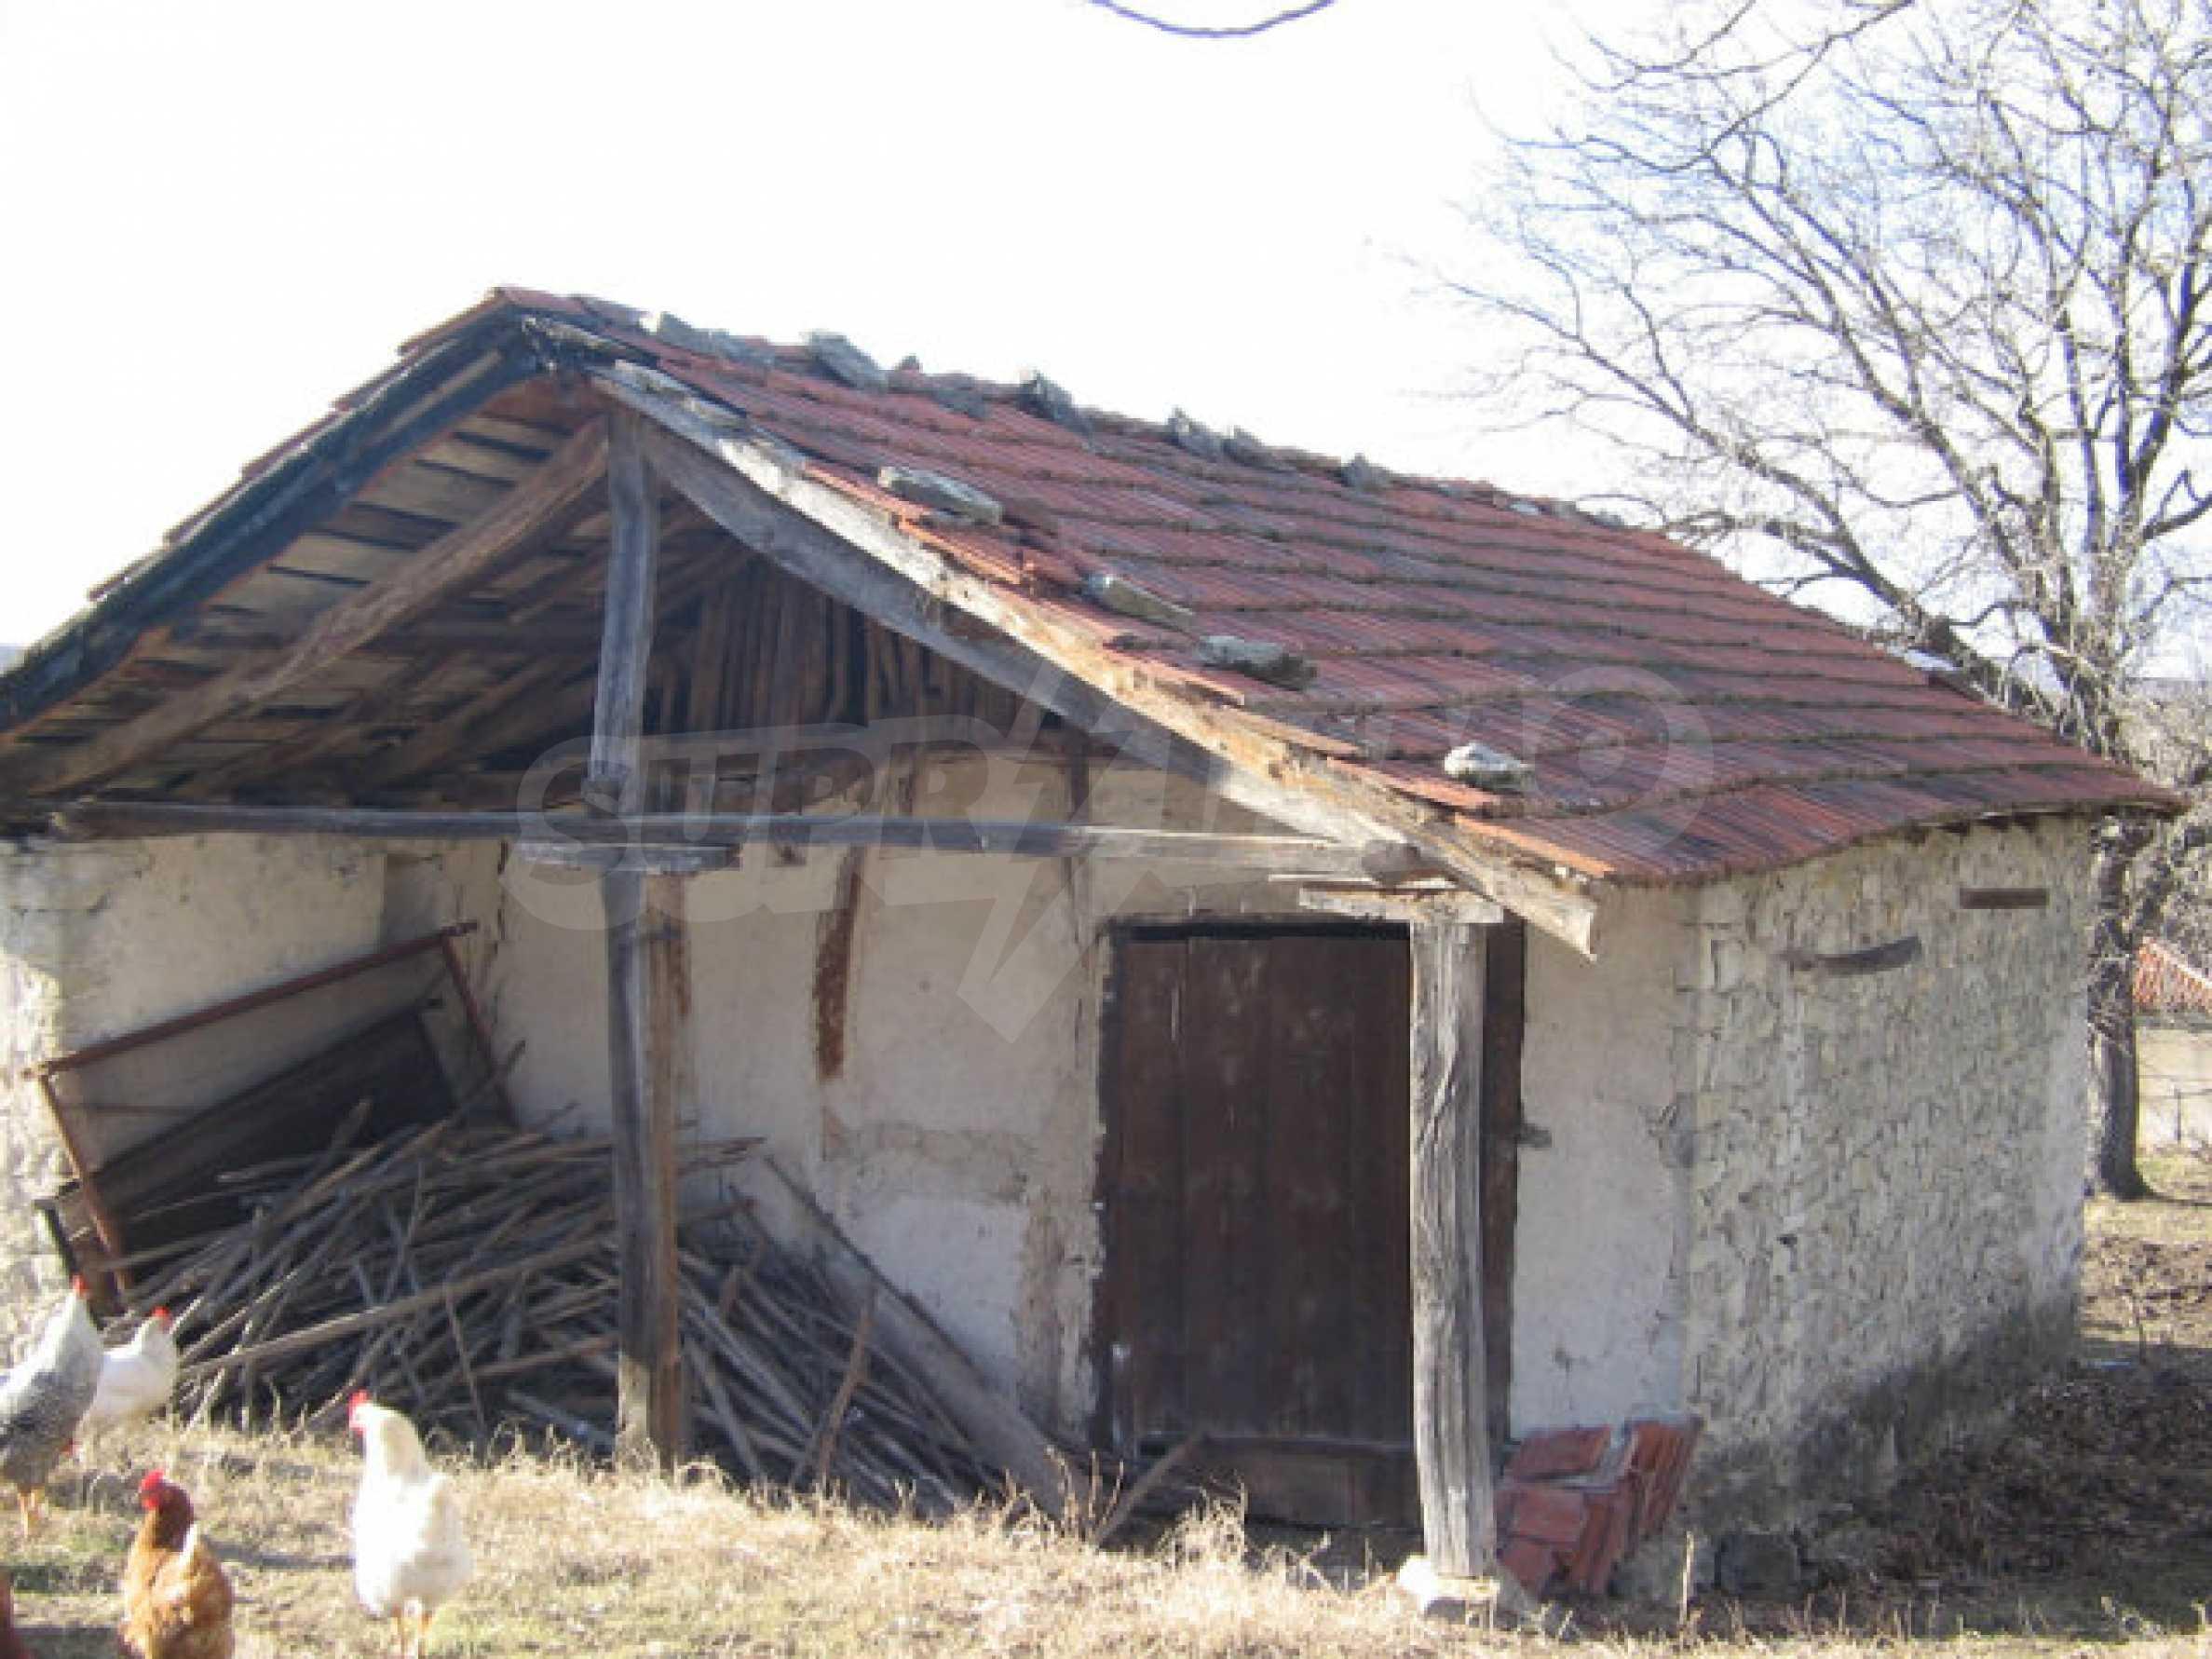 Ein Grundstück zum Verkauf in einem Dorf 32 km von Kardjali entfernt 1